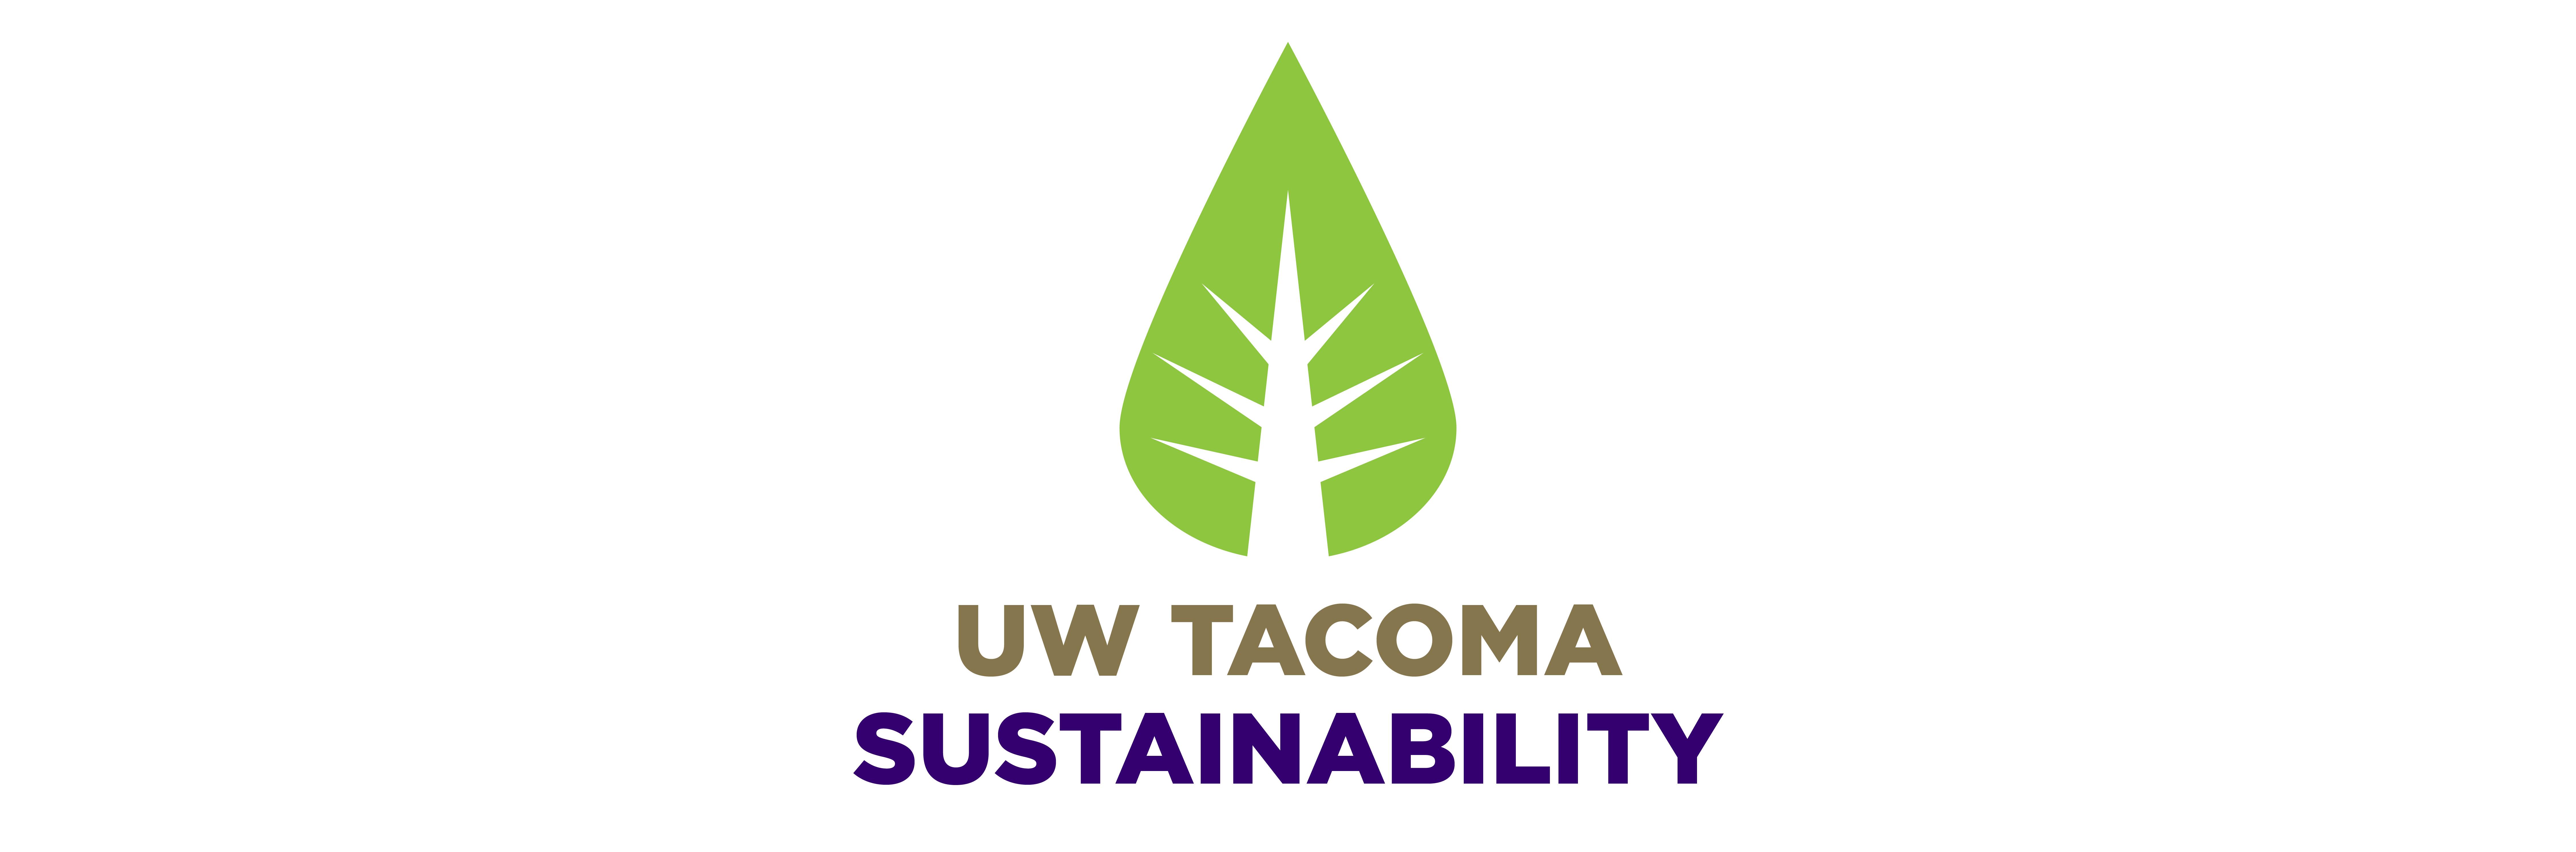 UW Tacoma Sustainability Logo